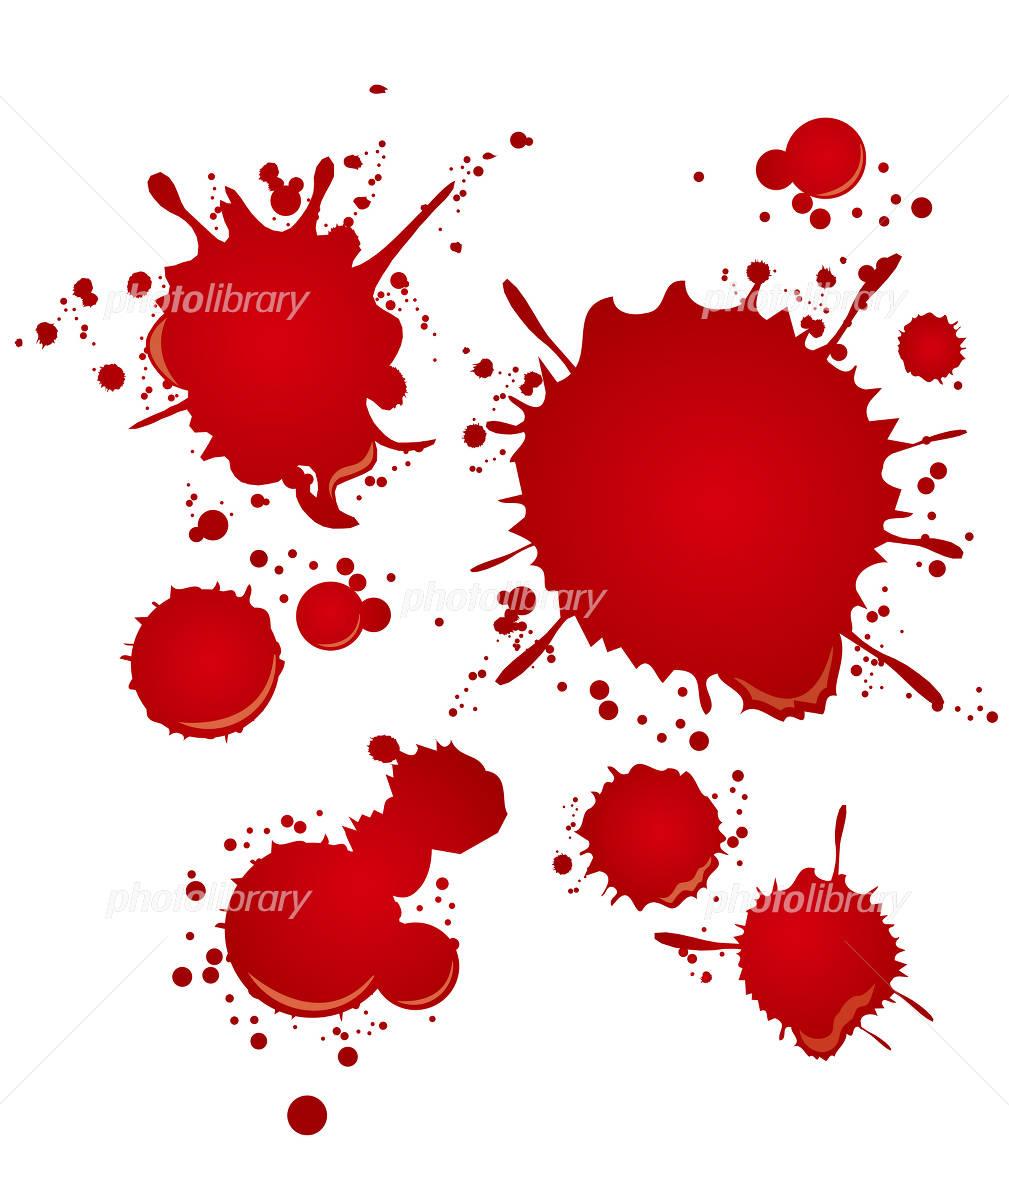 血 イラスト イラスト素材 2267889 フォトライブラリー Photolibrary